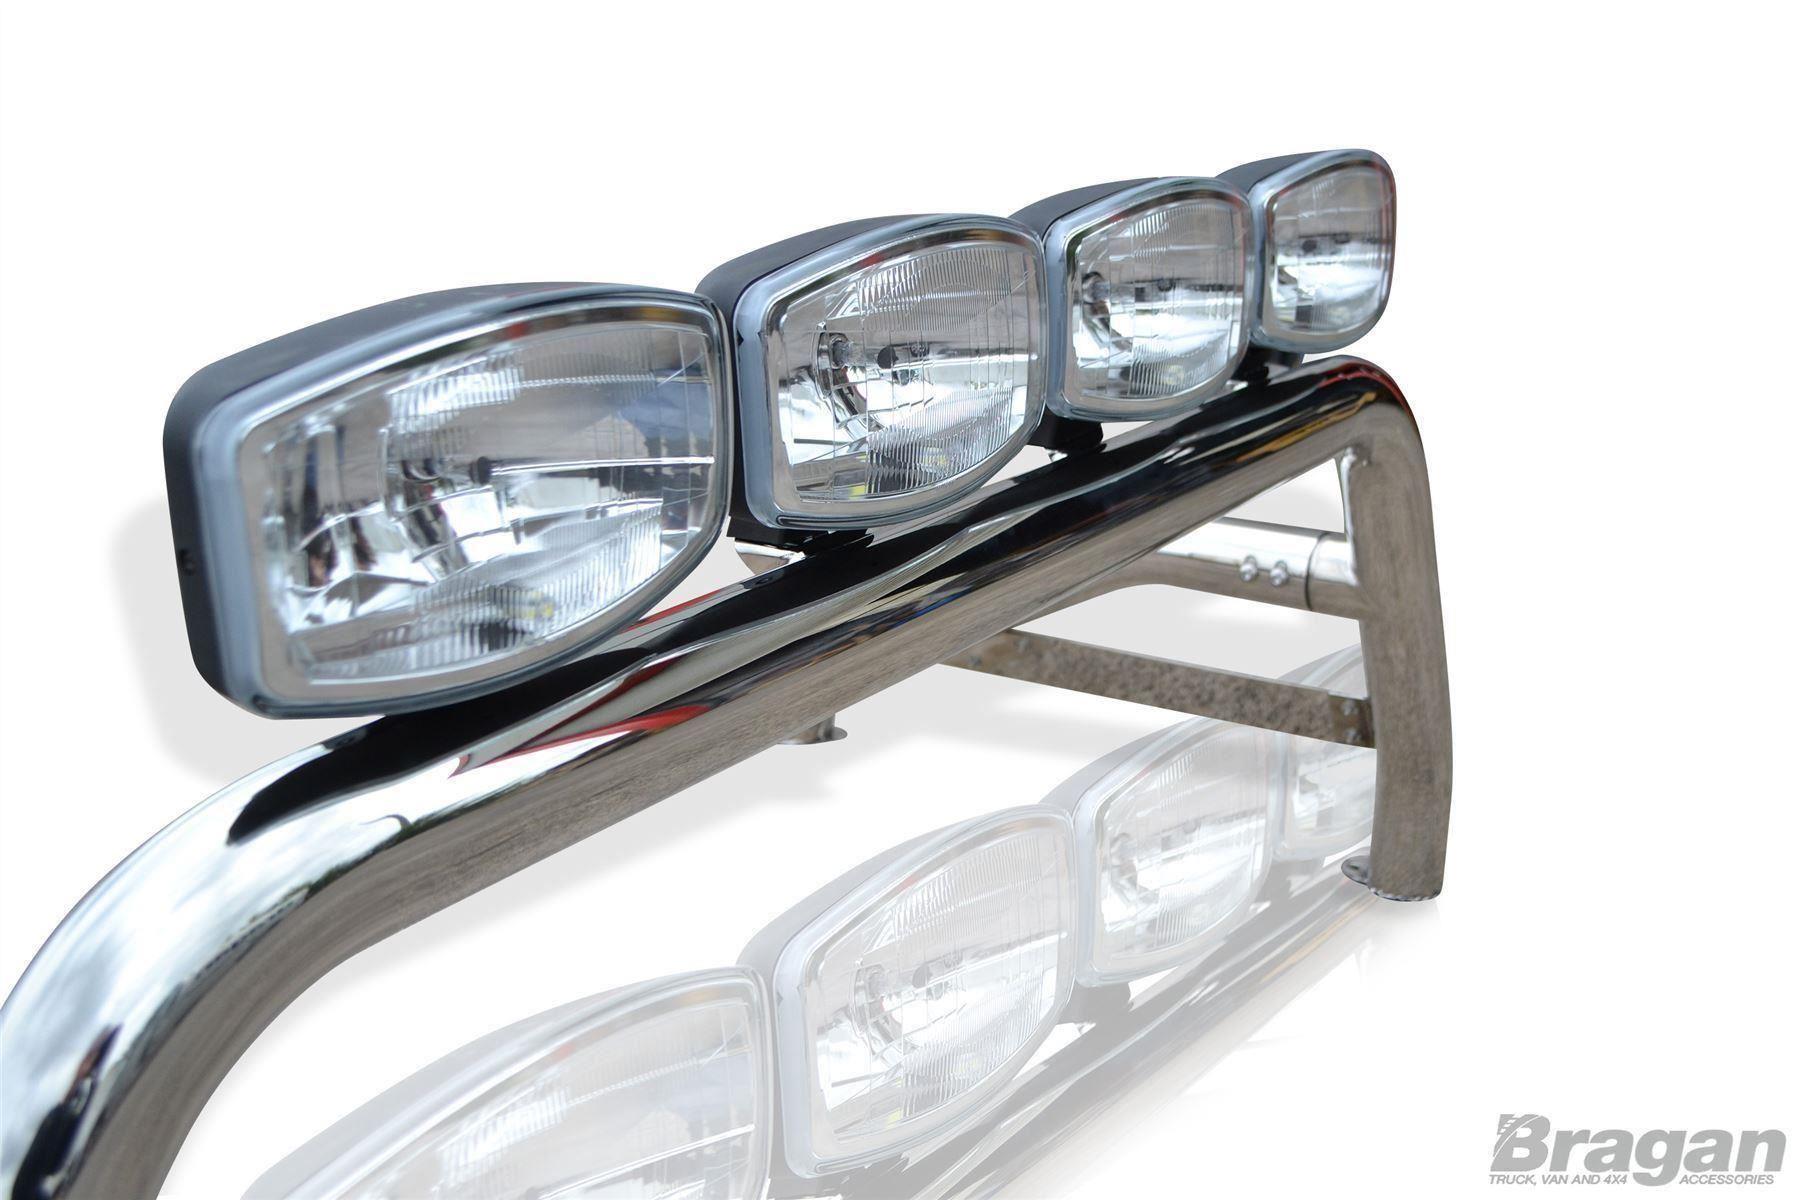 To Fit 2012 - 2016 Isuzu D-Max Rodeo Sport Roll Bar Steel + Jumbo Spots + LEDs